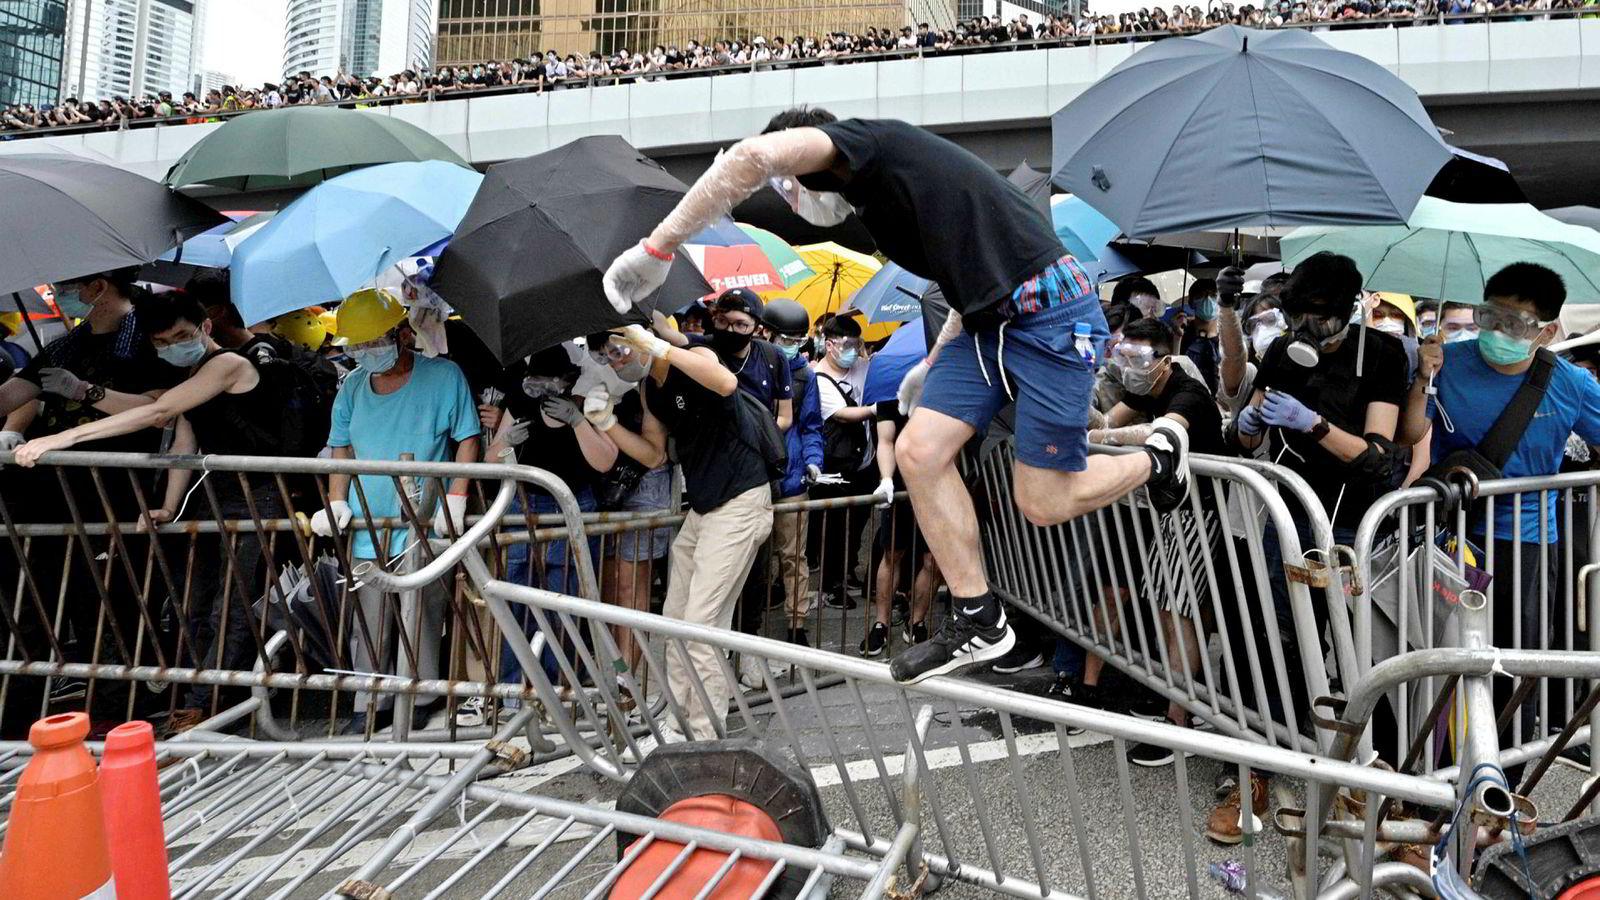 Etter uker med massive og stort sett fredelige protester mot en utleveringsavtale med Kina, ble konflikten i Hongkong skjerpet mandag. Politiet gikk rundt ved den lovgivende forsamlingen, der demonstranter blant annet hadde overmalt vegger med graffiti. I nærheten av myndighetenes hovedkvarter ble demonstrantene møtt med tåregass.